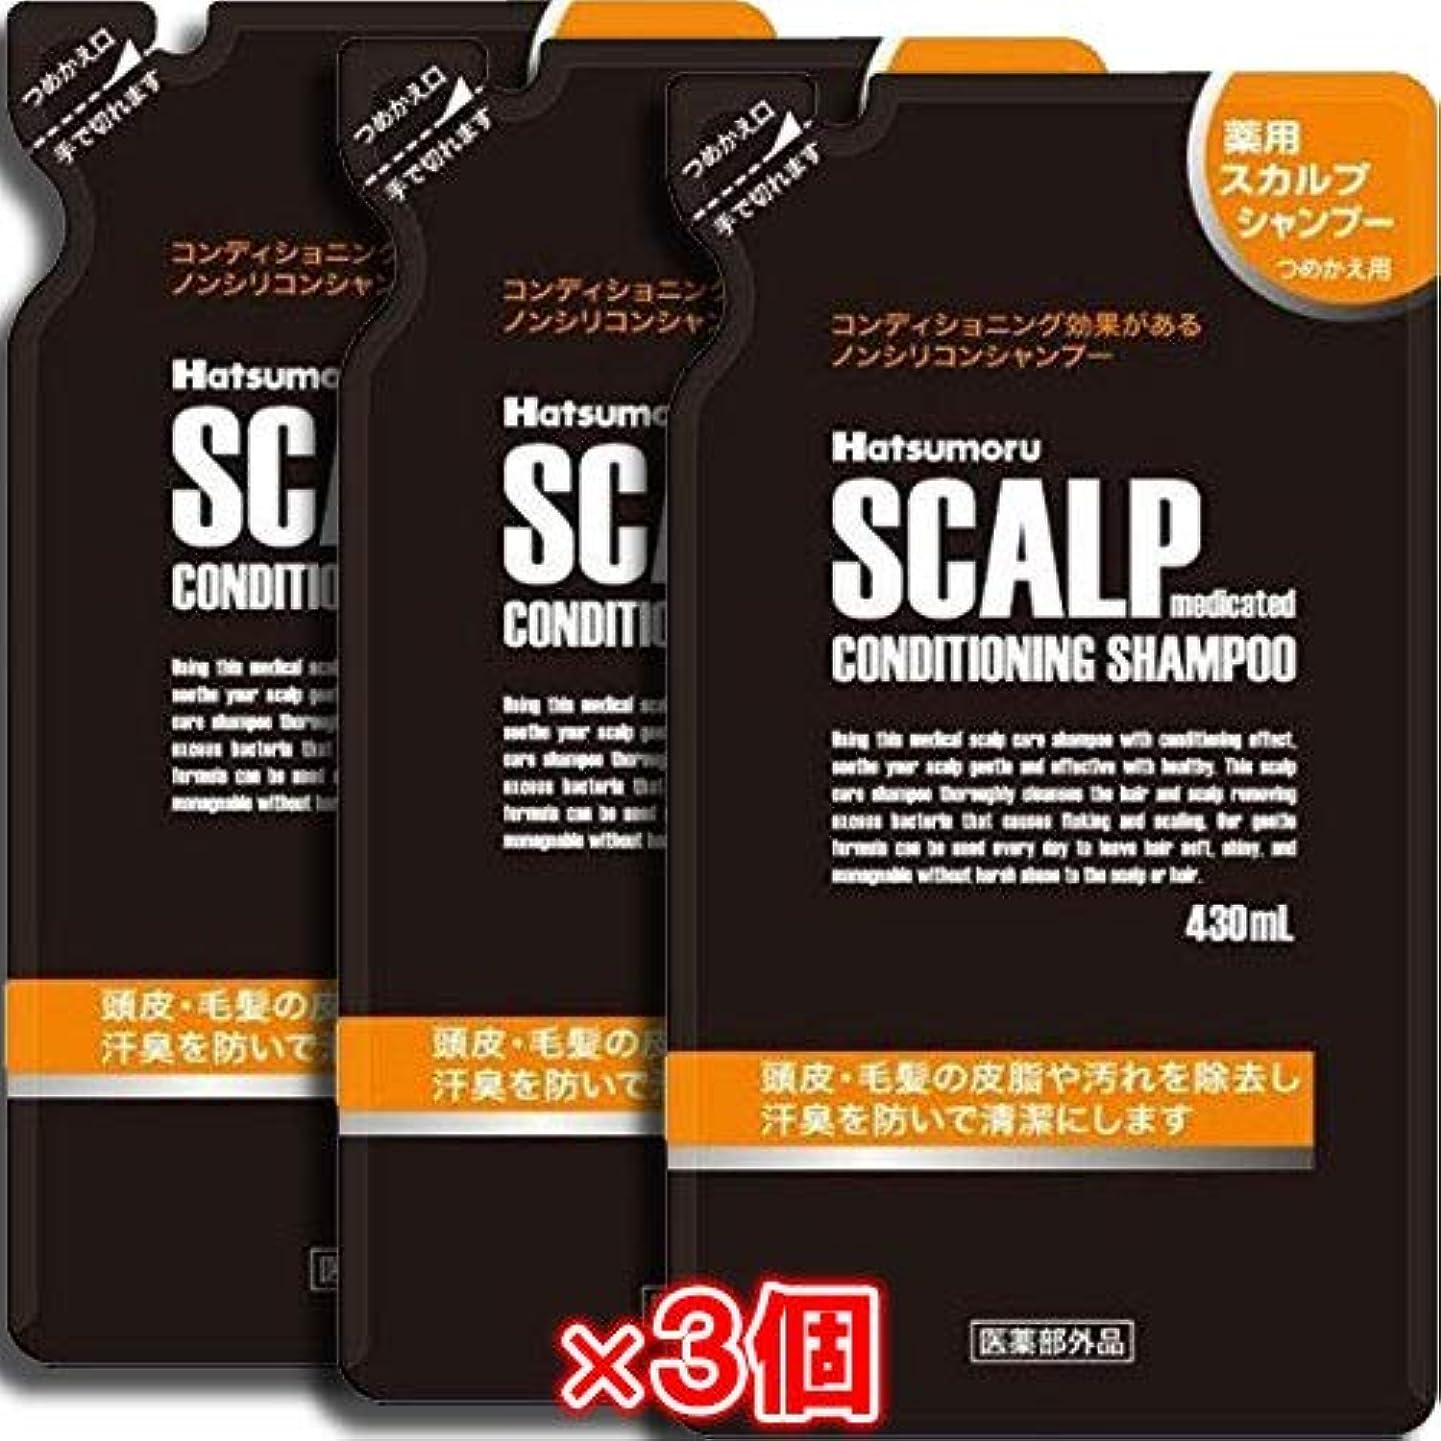 電圧かもめケイ素【3個セット】ハツモール 薬用スカルプシャンプー 詰替用 430mL